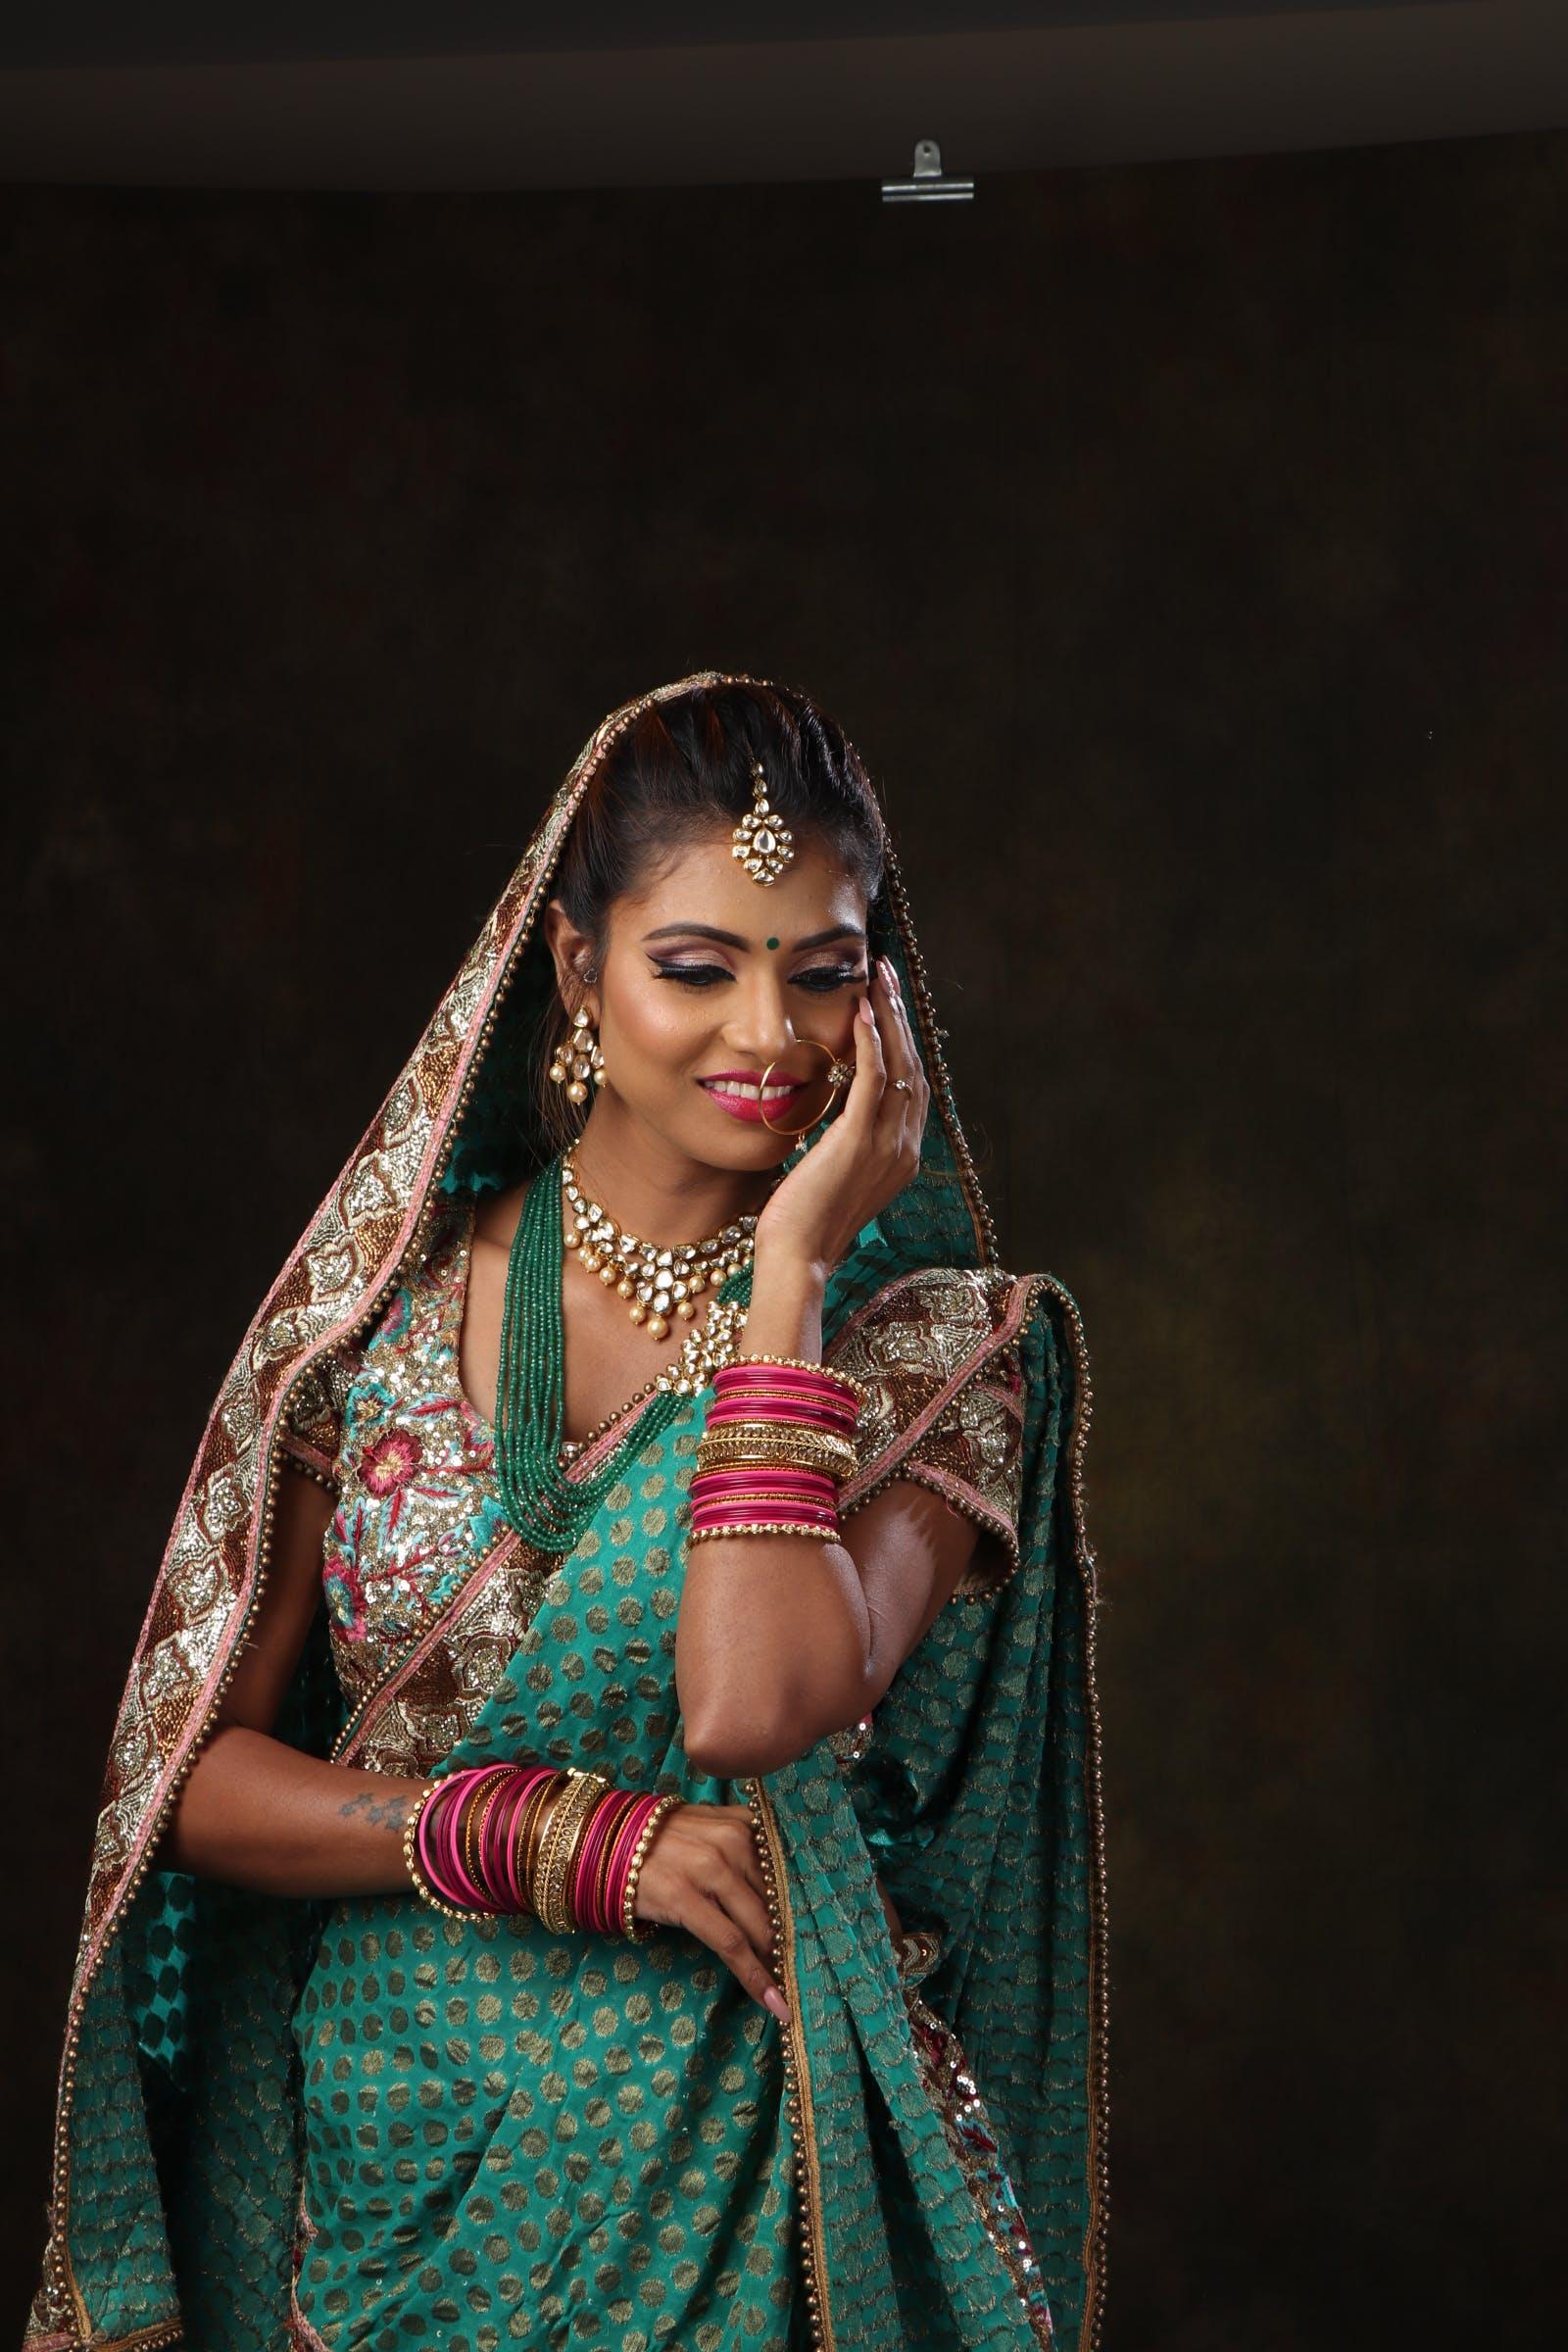 Woman In Green Sari Dress